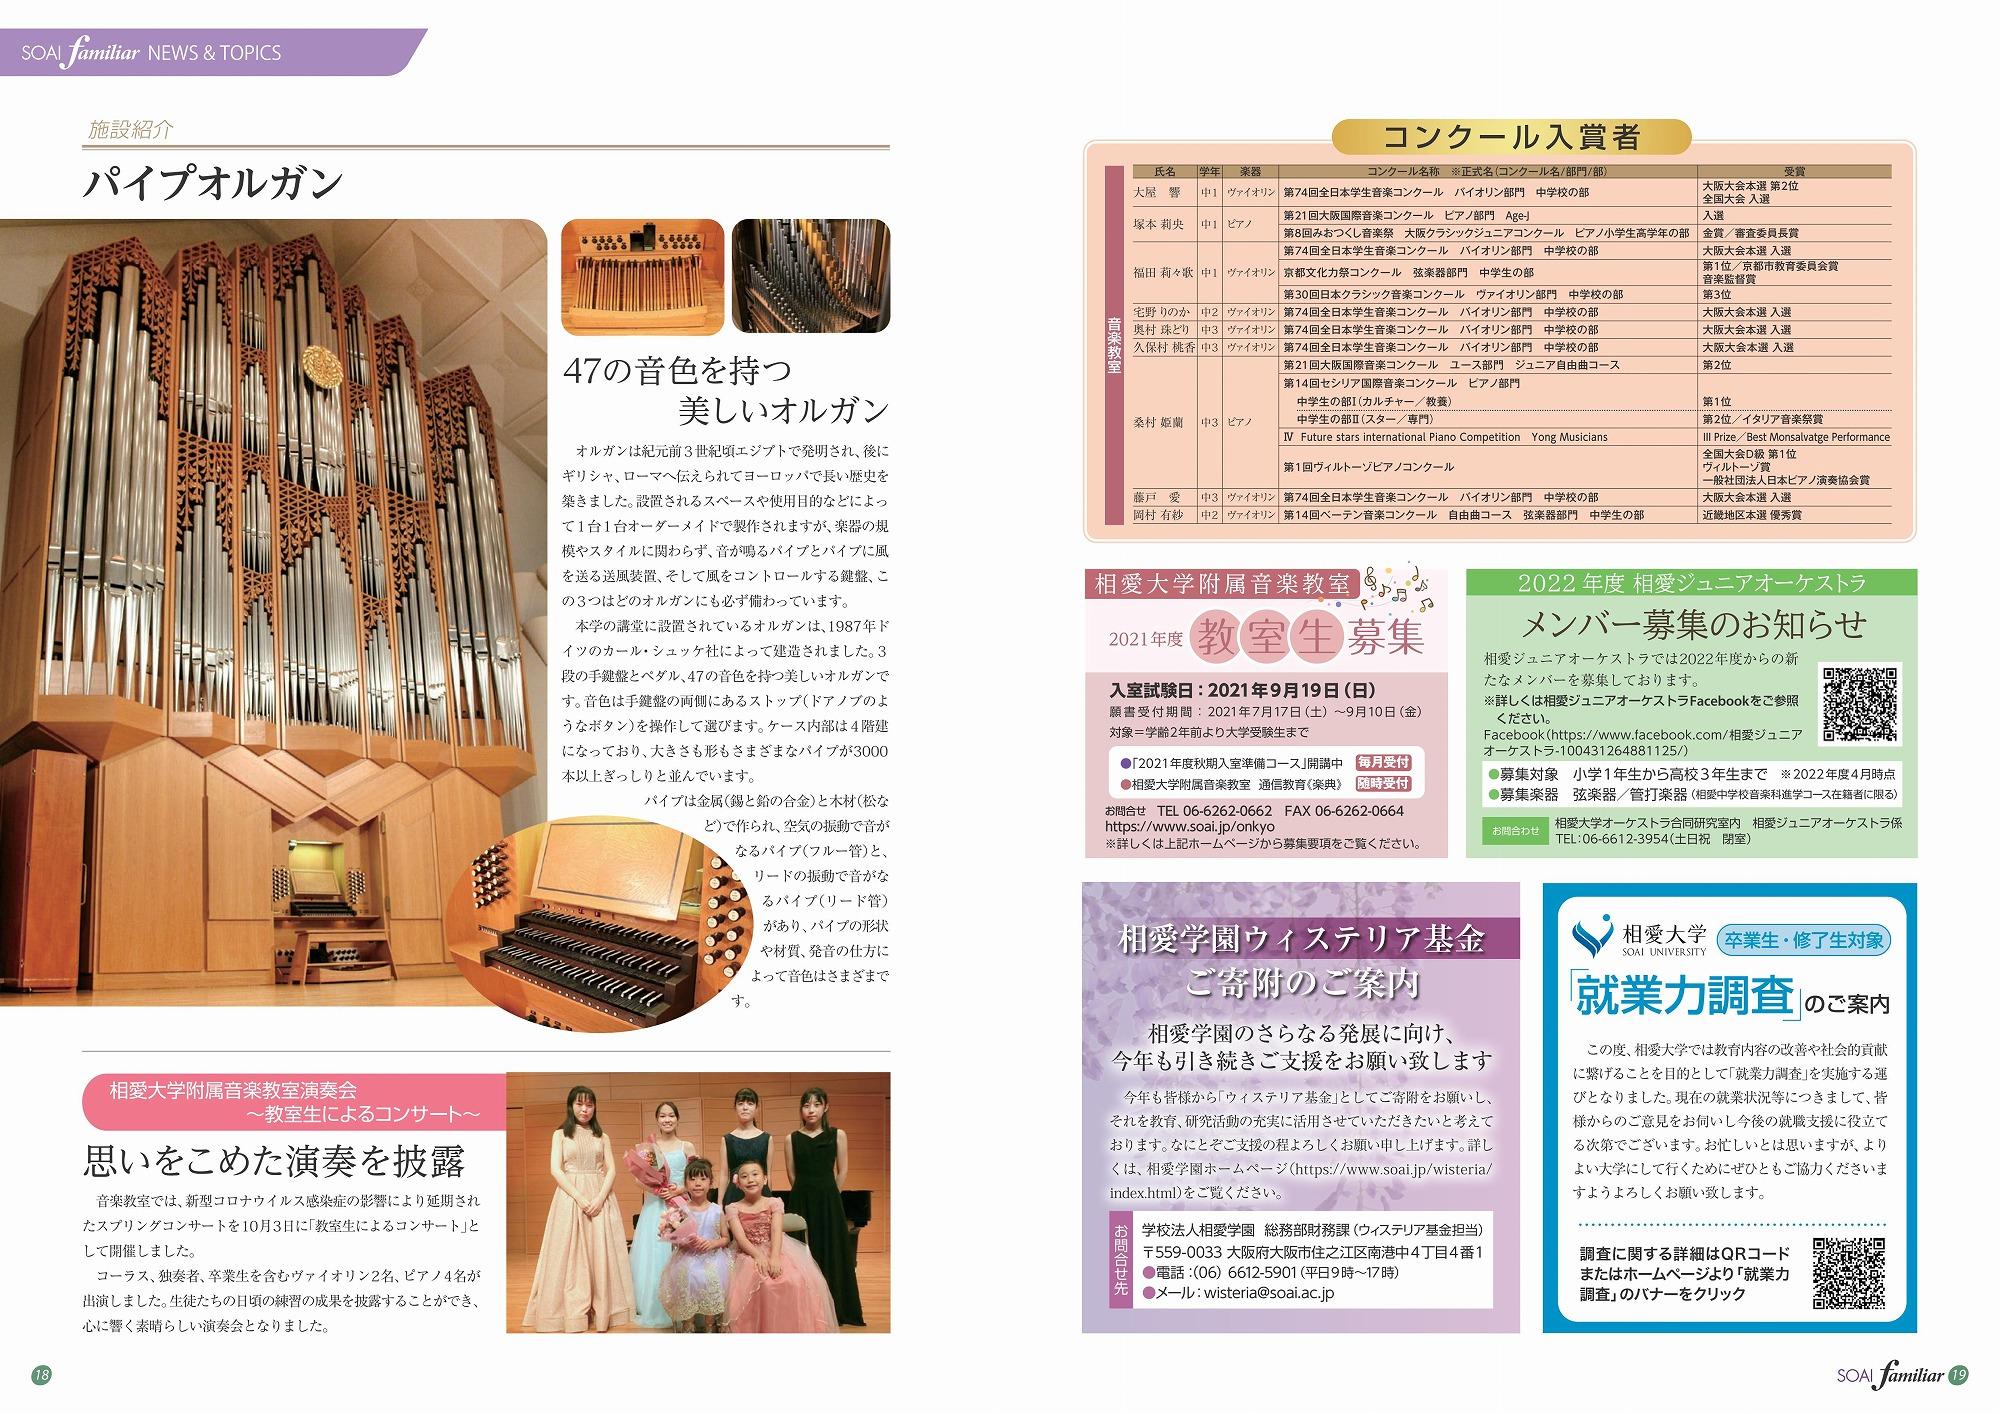 https://www.soai.ac.jp/information/news/2021_soaifamiliar_09.jpg